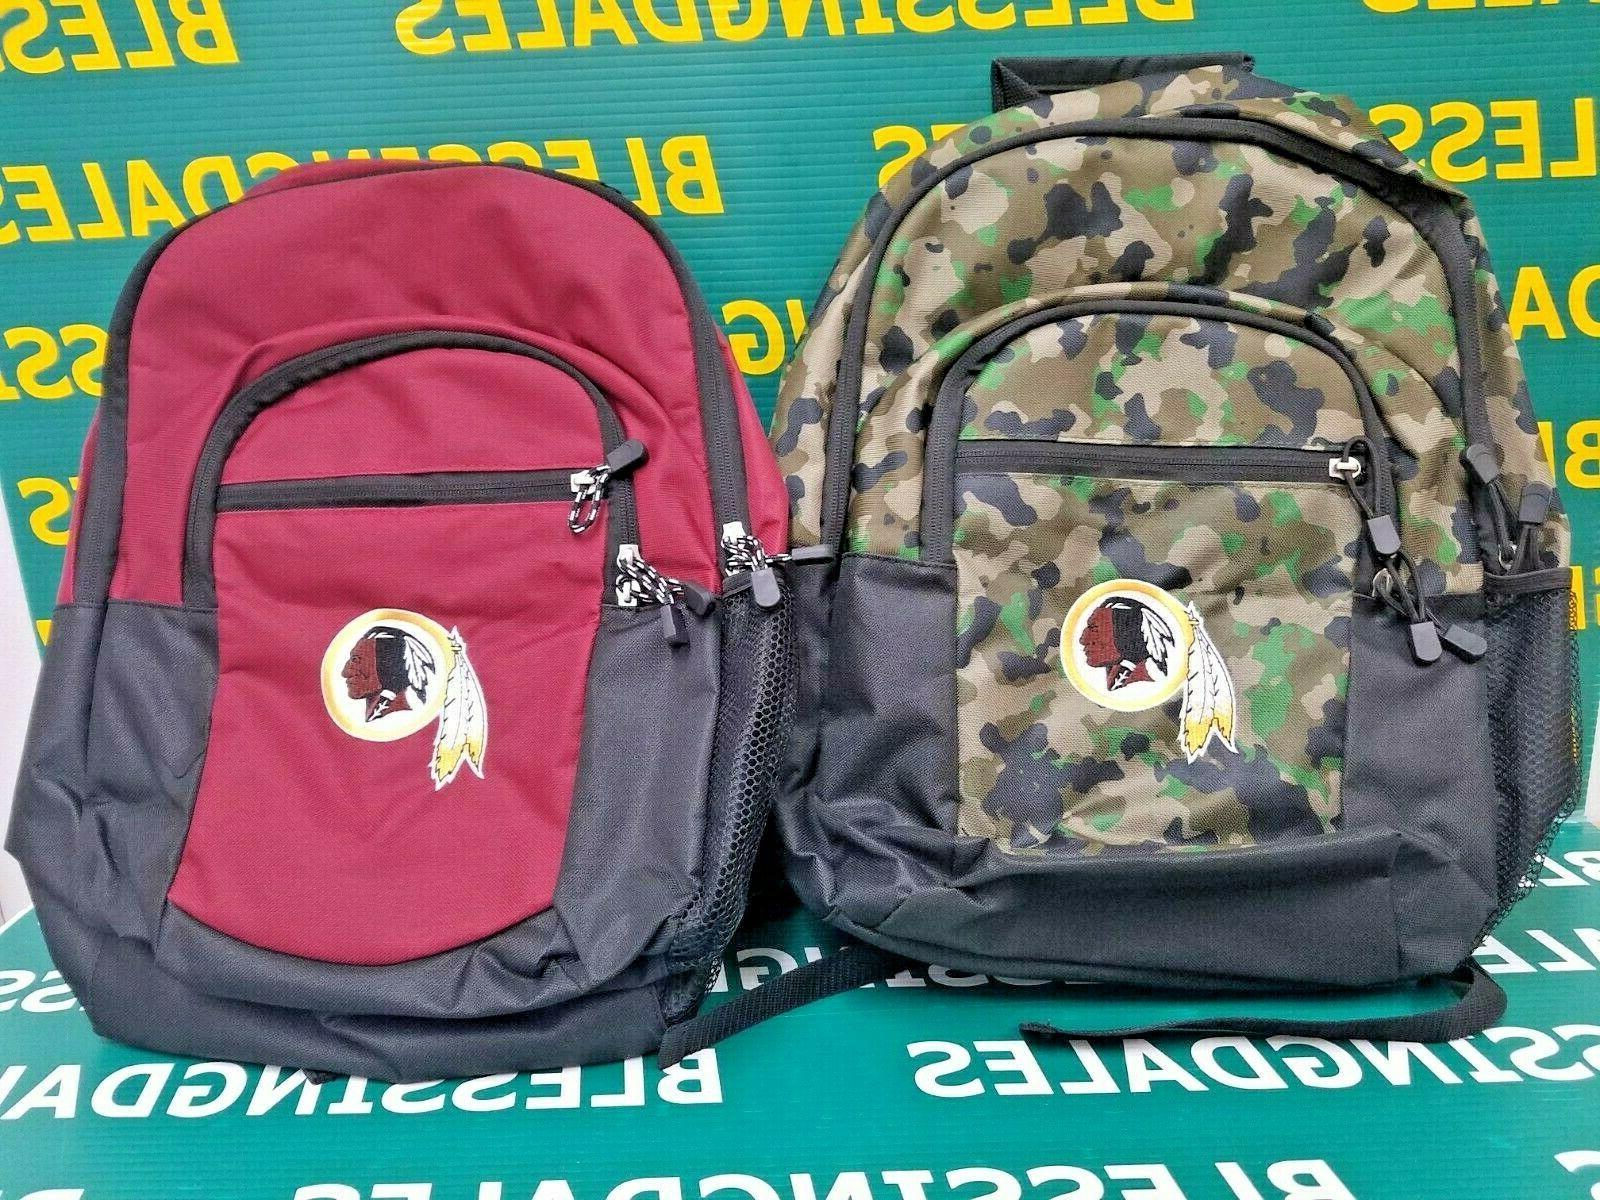 washington redskins backpack by burgundy black or